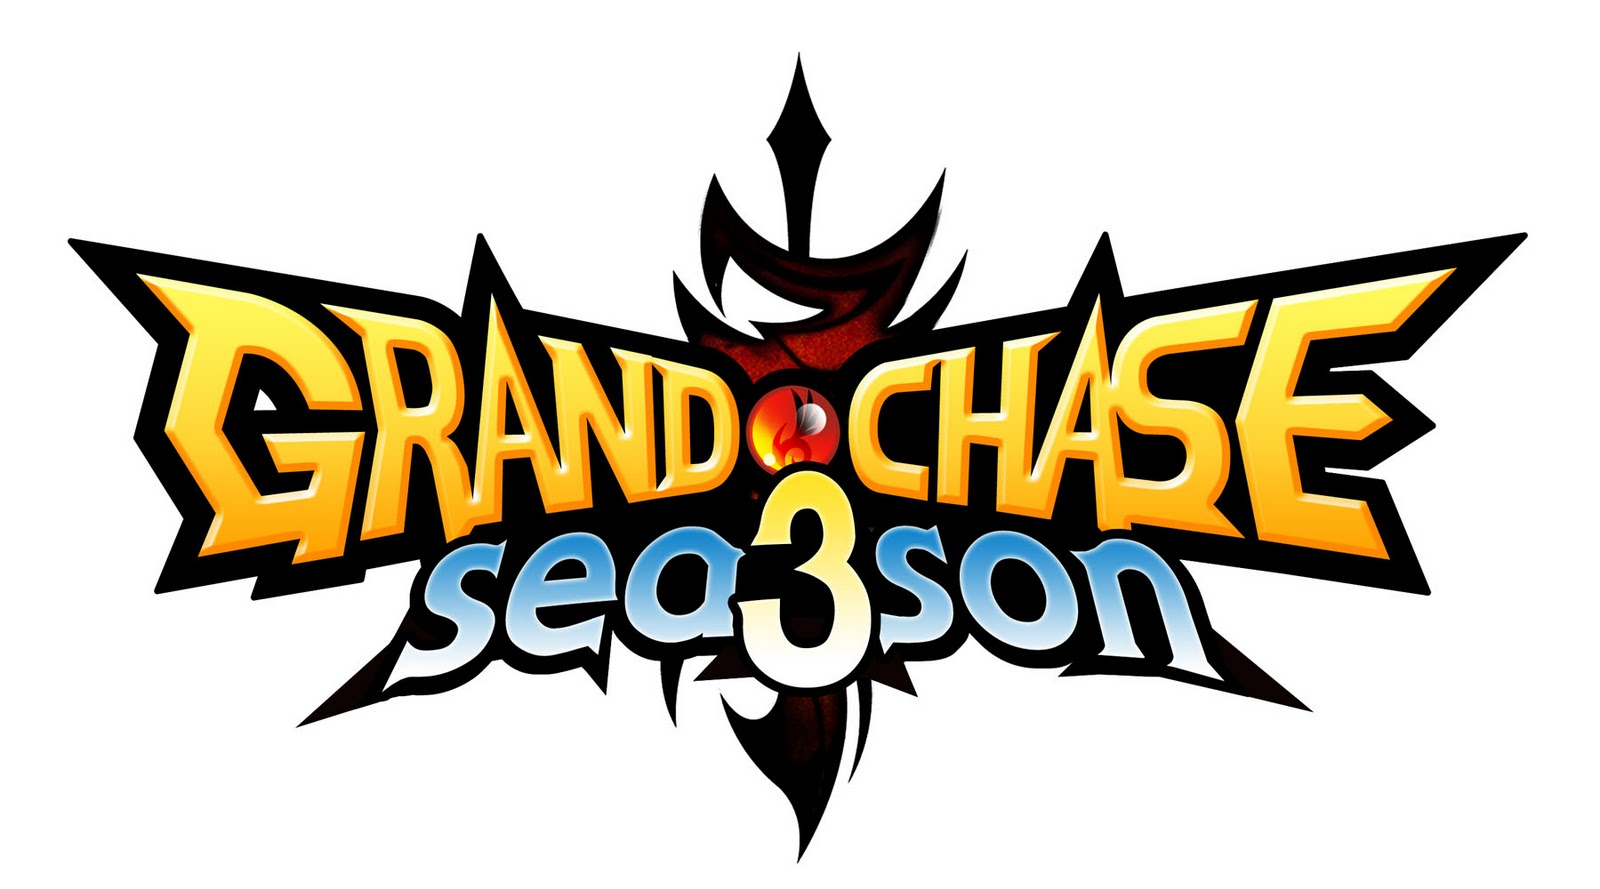 http://1.bp.blogspot.com/_XP-NeaxgN2Y/TOmhgMV7Y6I/AAAAAAAAABc/h6Dx_nvUAYs/s1600/GrandChase_Season3_Baixa.jpg